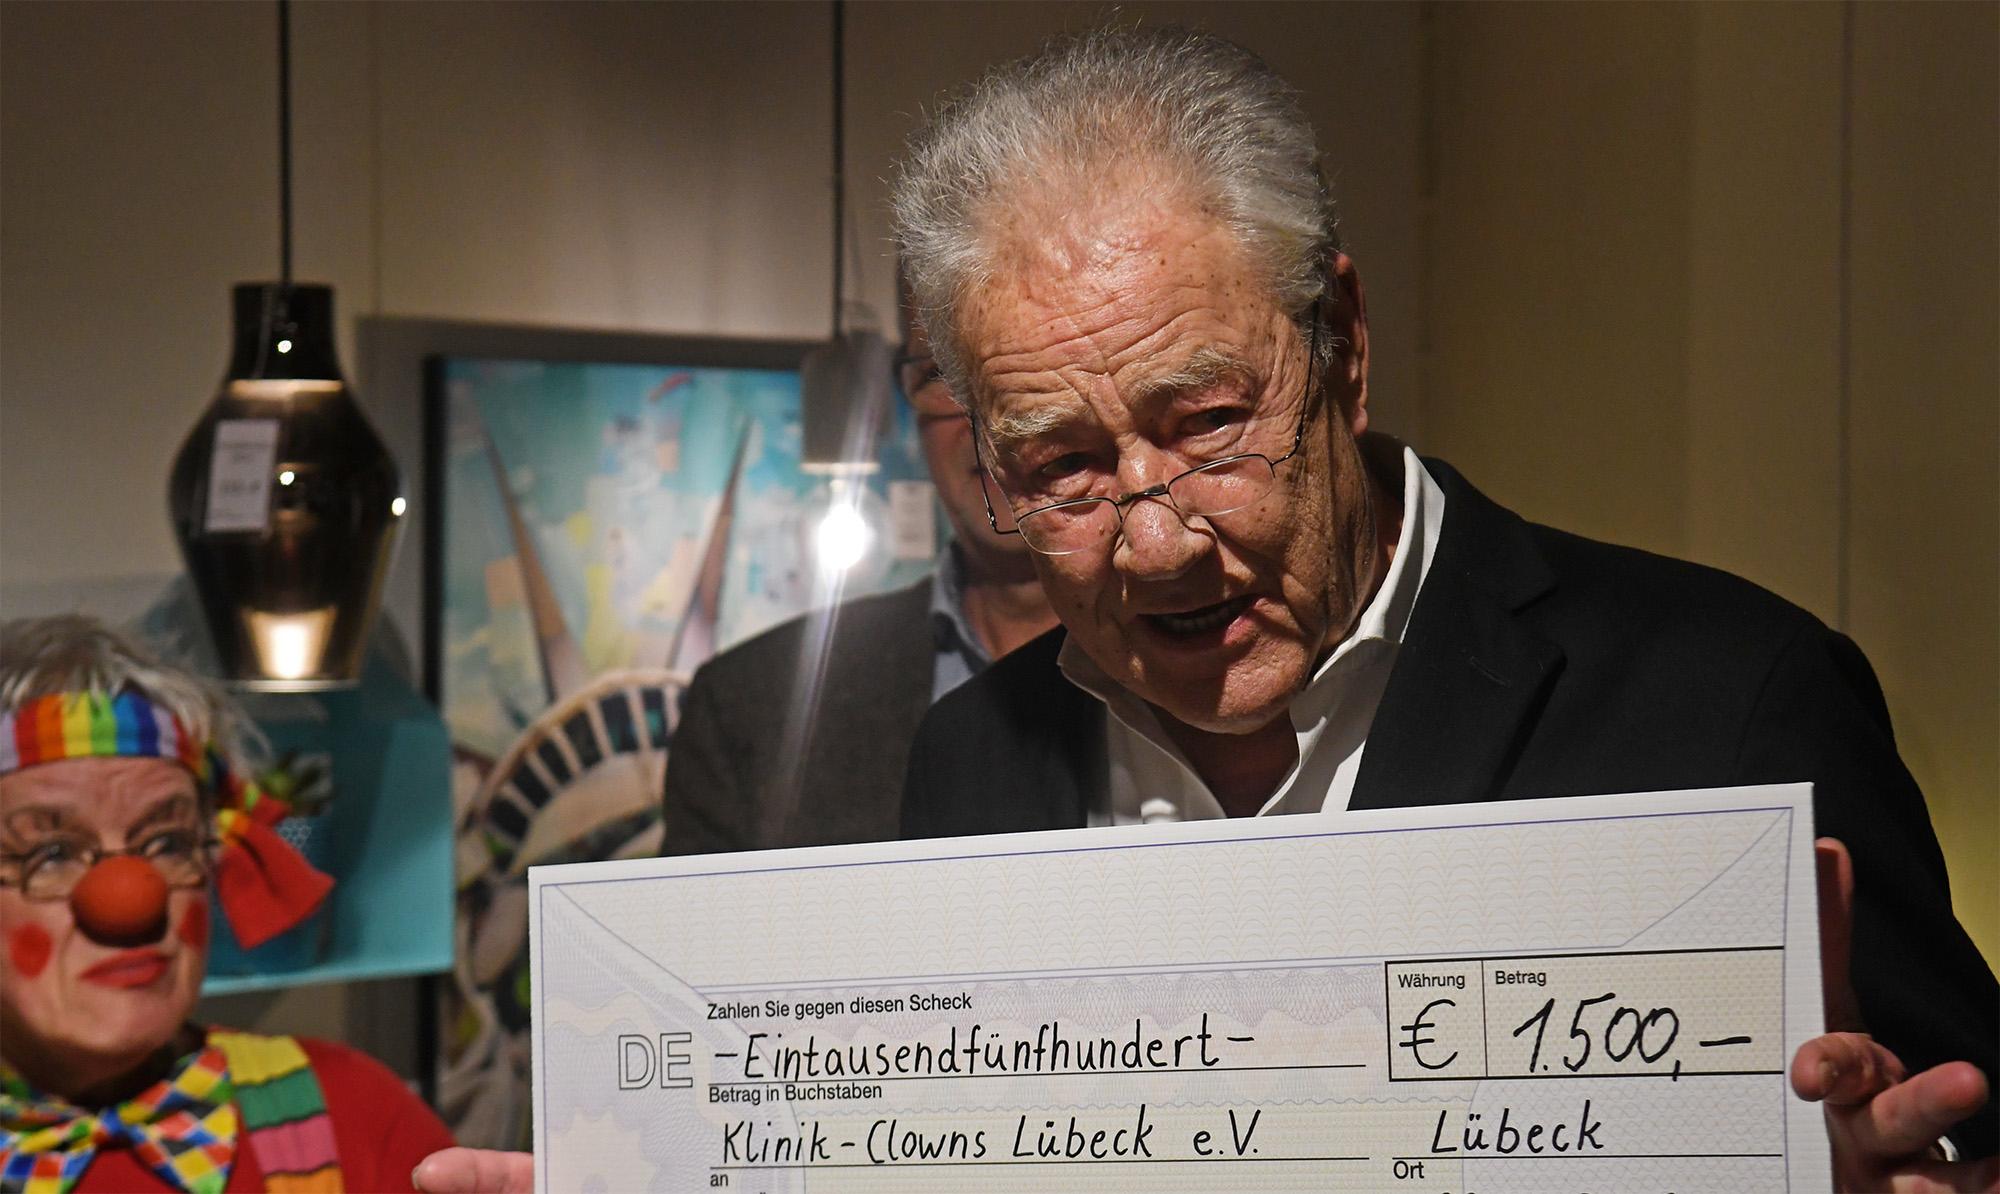 Björn Engholm nahm den Scheck in Höhe von 1500 Euro entgegen.